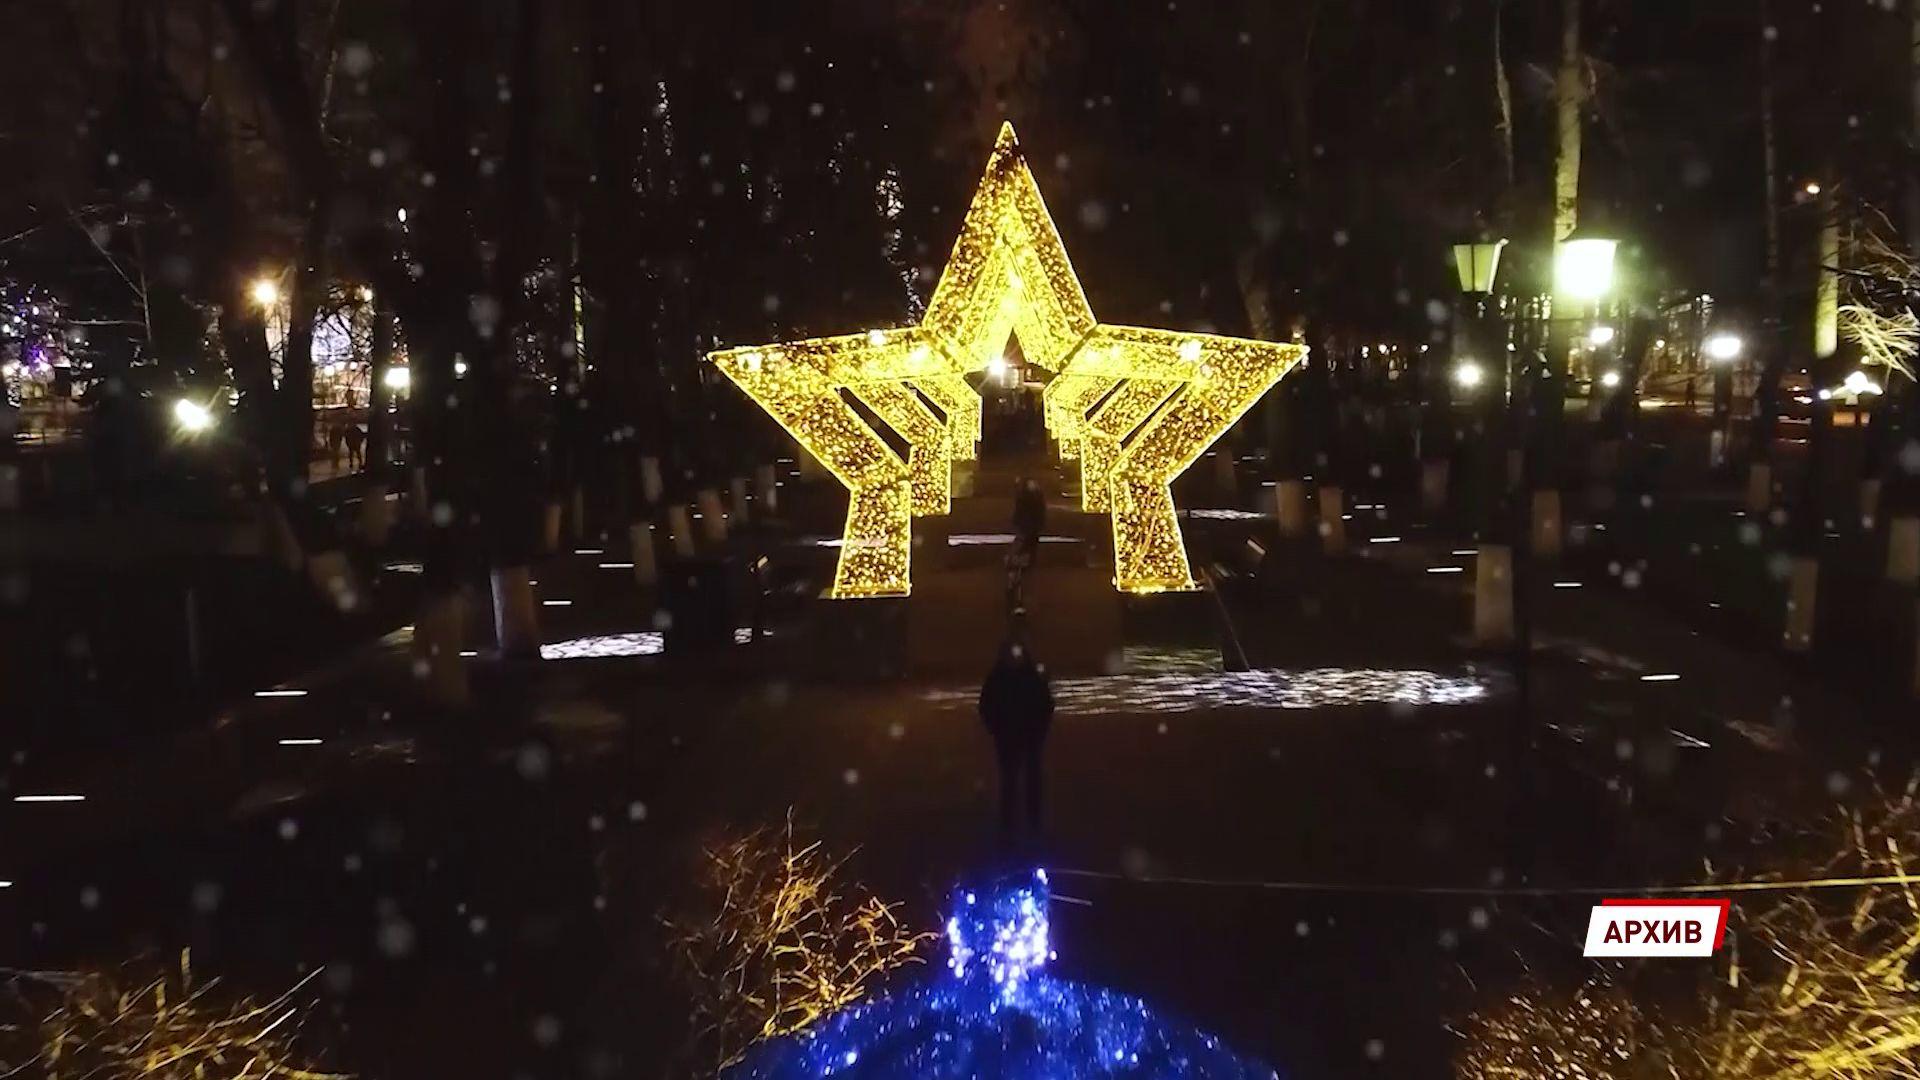 50 километров гирлянд украсят новогодний Ярославль